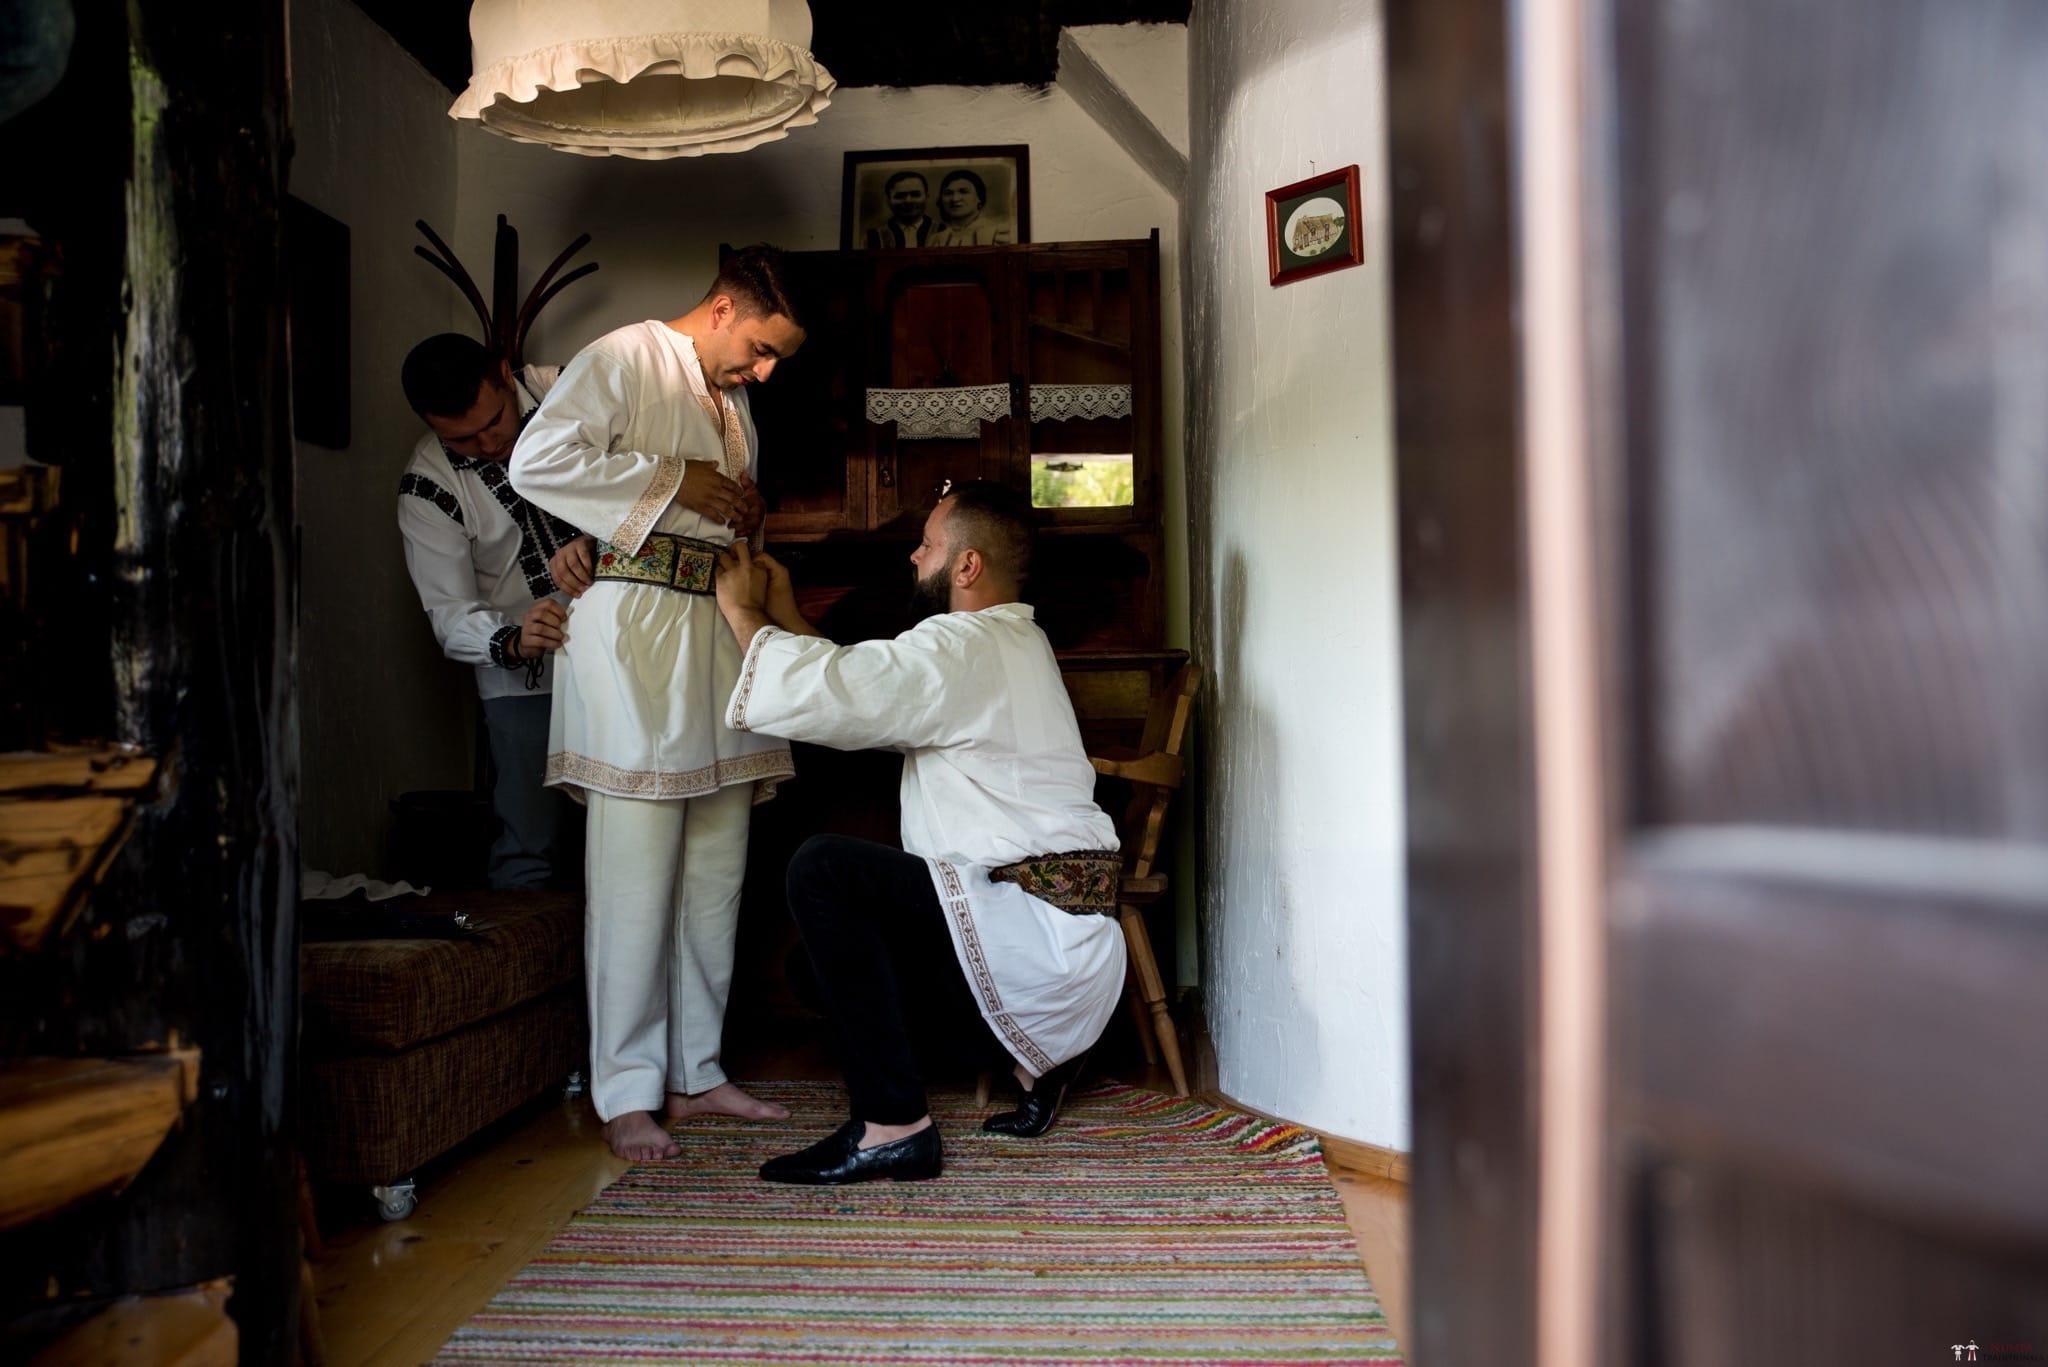 Povești Nunți Tradiționale - Irina și Alexandru, nuntă în Câmpulung Moldovenesc, Suceava 9